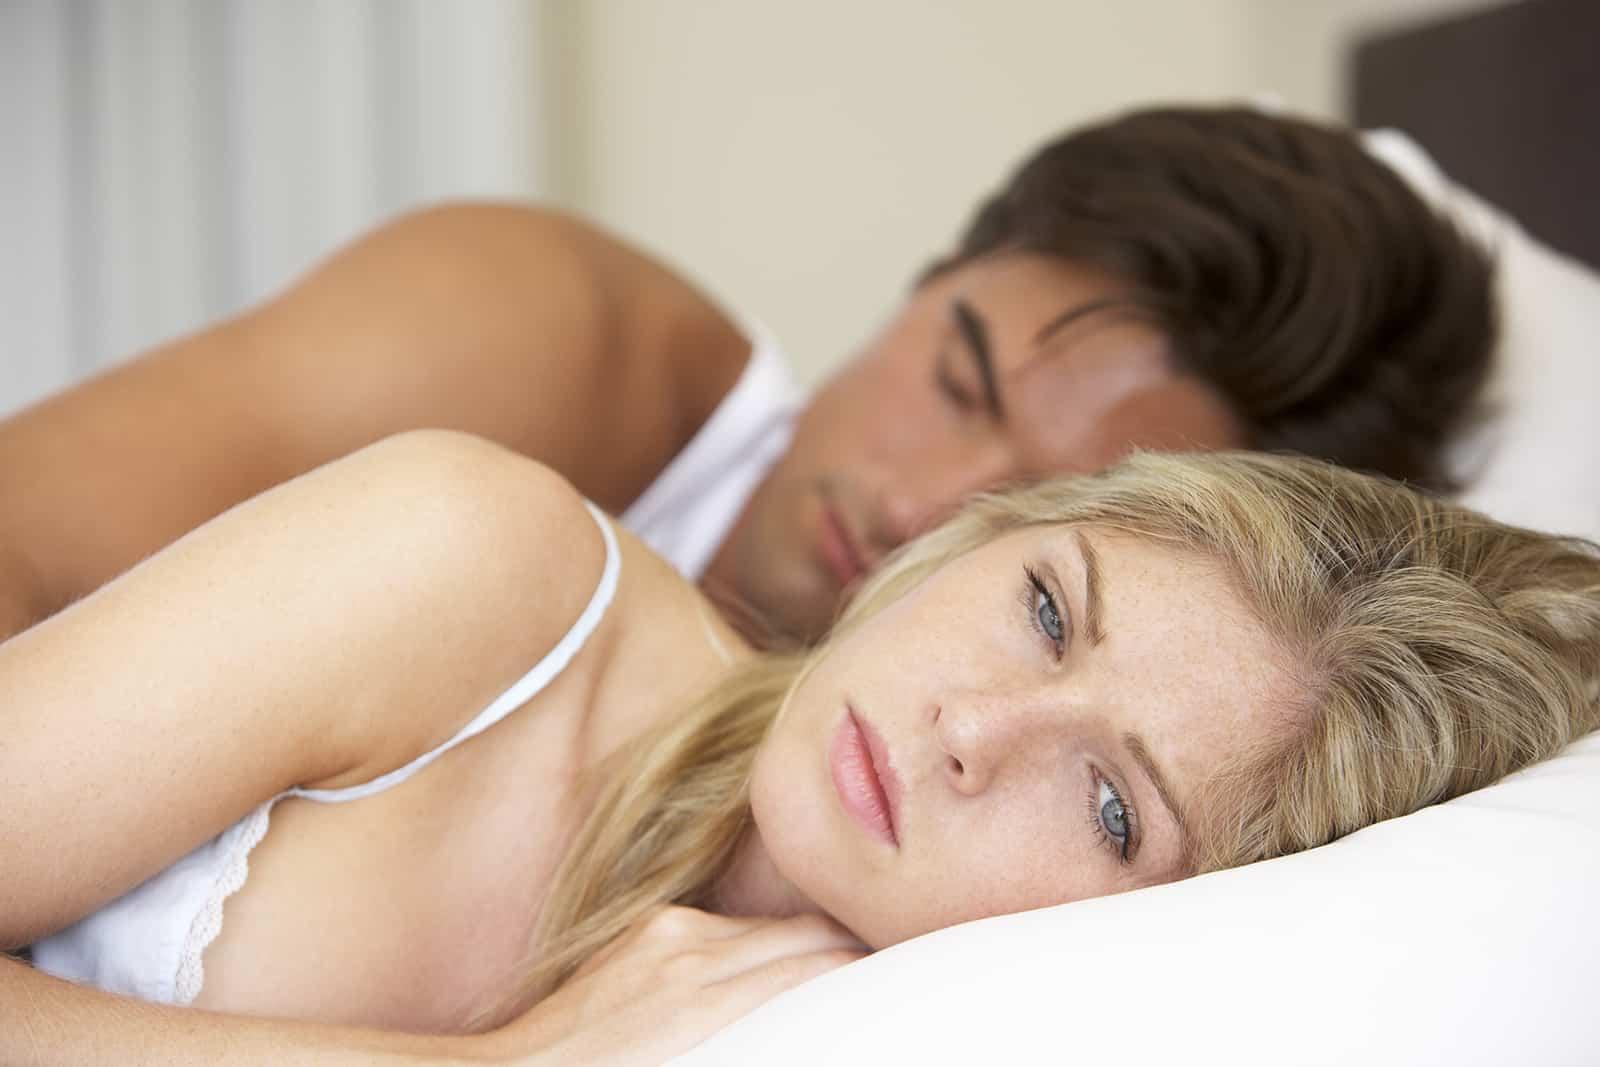 eine nachdenkliche Frau, die neben einem schlafenden Mann in einem Bett liegt